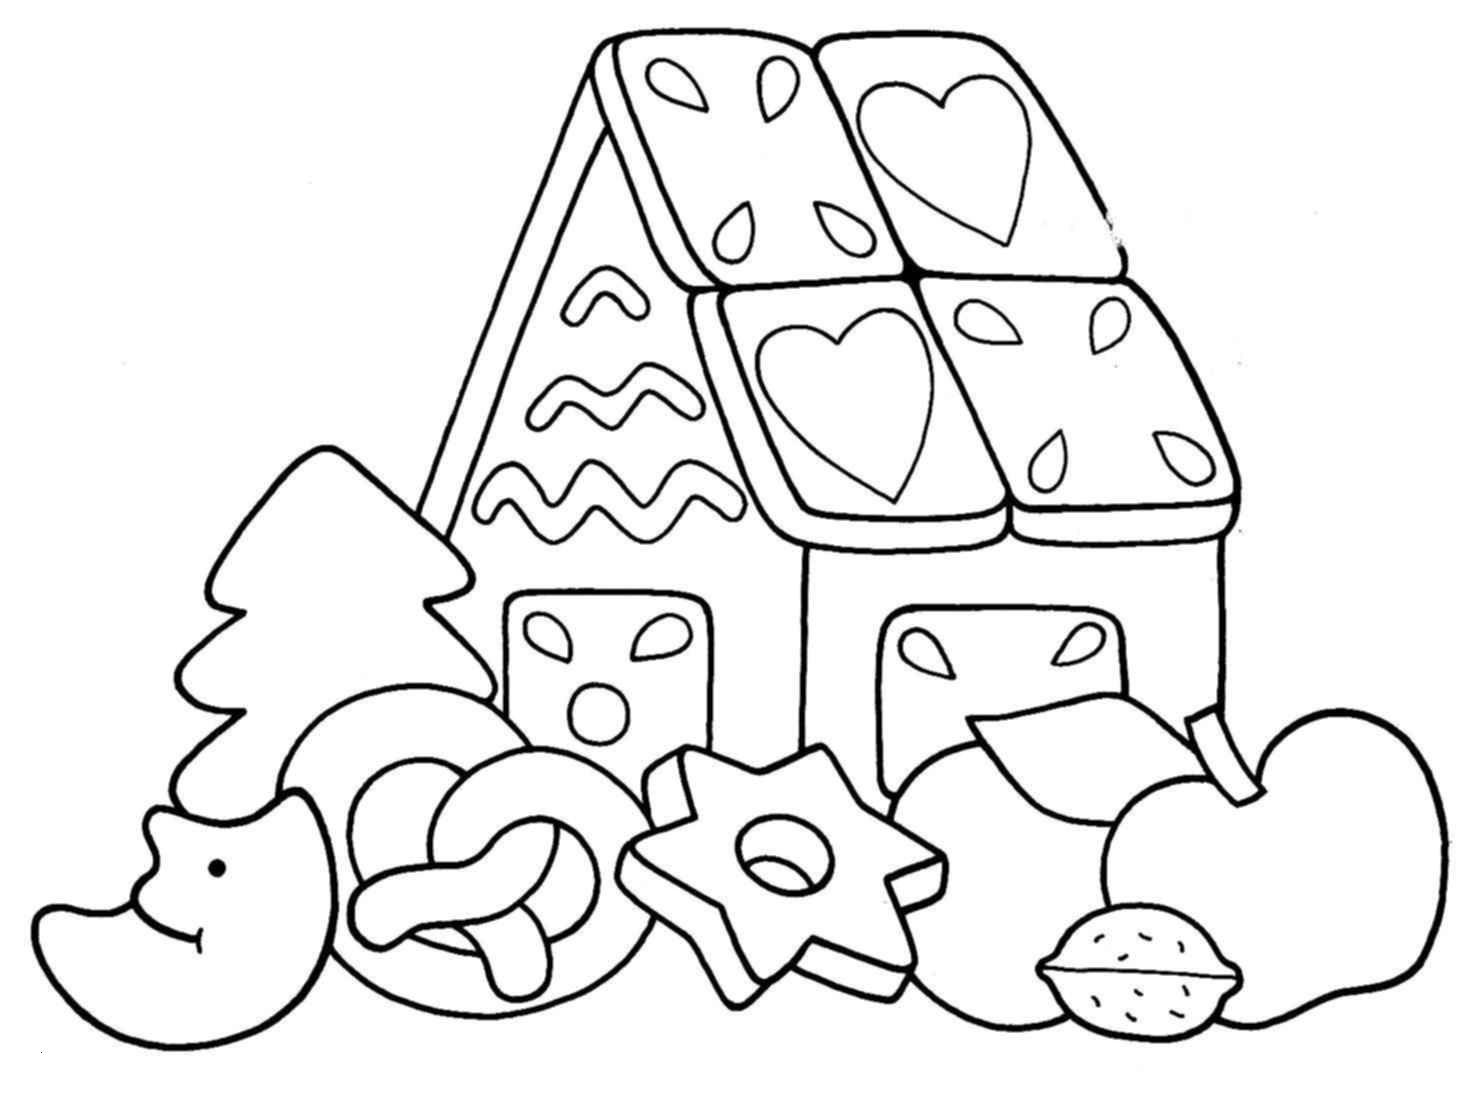 Alvin Und Die Chipmunks Ausmalbilder Genial 30 Ausmalbilder Von Weihnachten forstergallery Bild